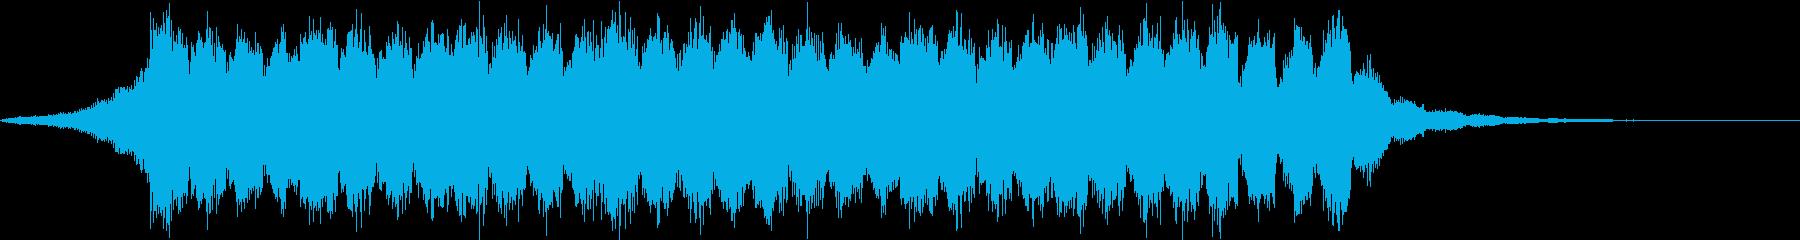 感動的・CM・企業VP・ピアノ・ジングルの再生済みの波形